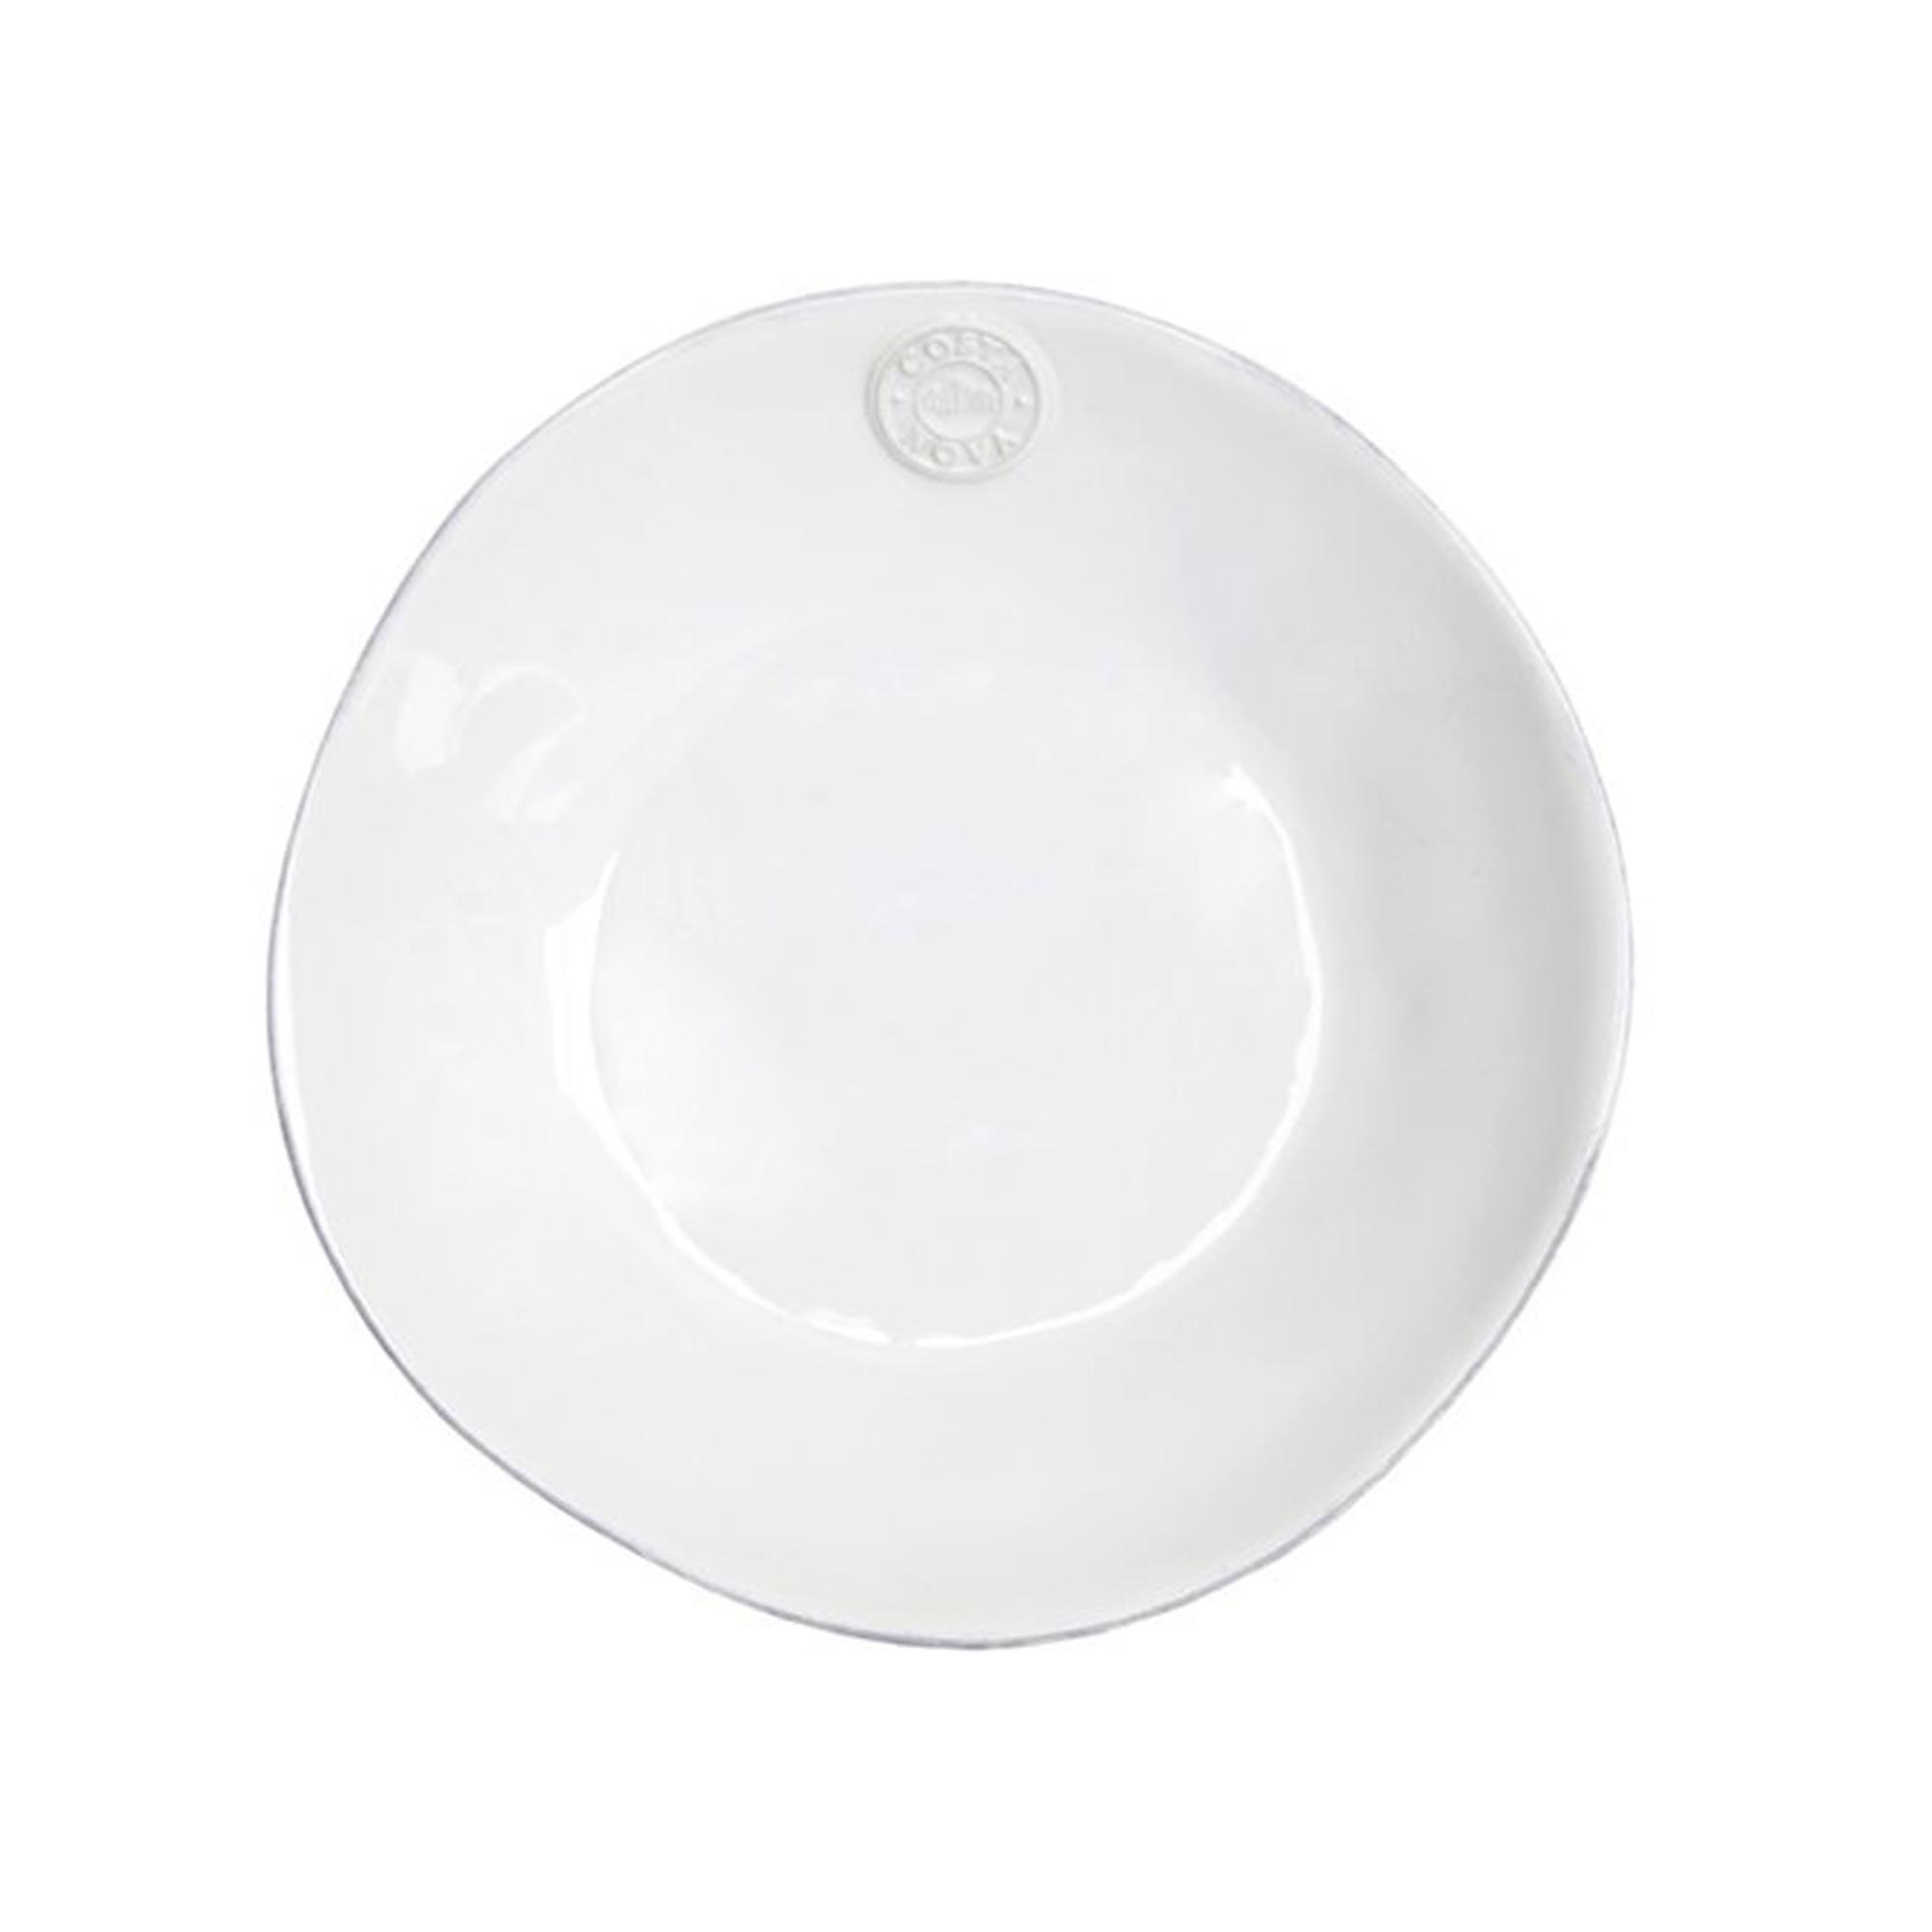 Pastateller in Weiß | mediterranes Speise und Kuchen Frühstücks Geschirr - in Weiß, Türkis, Blau erhältlich. Für Spülmaschine / Mikrowelle